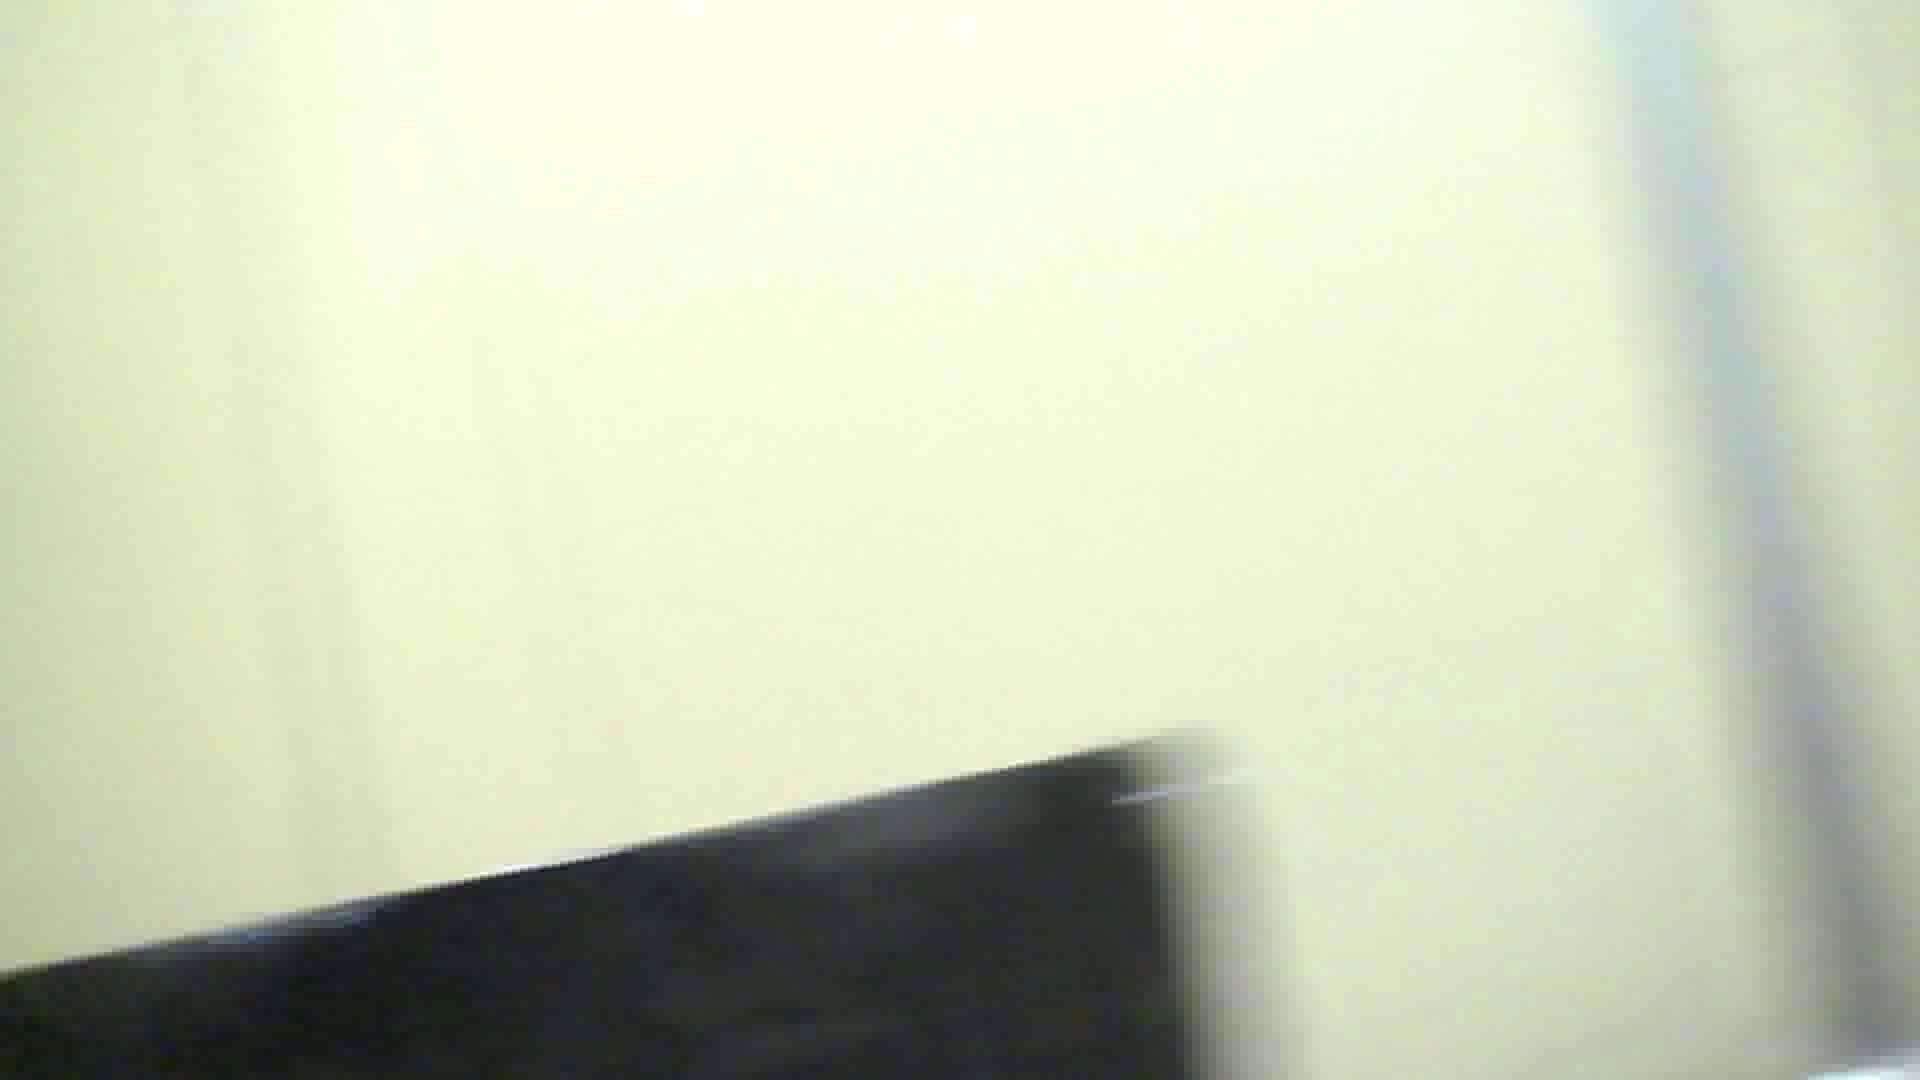 マンコ丸見え女子洗面所Vol.45 エロいOL エロ画像 20枚